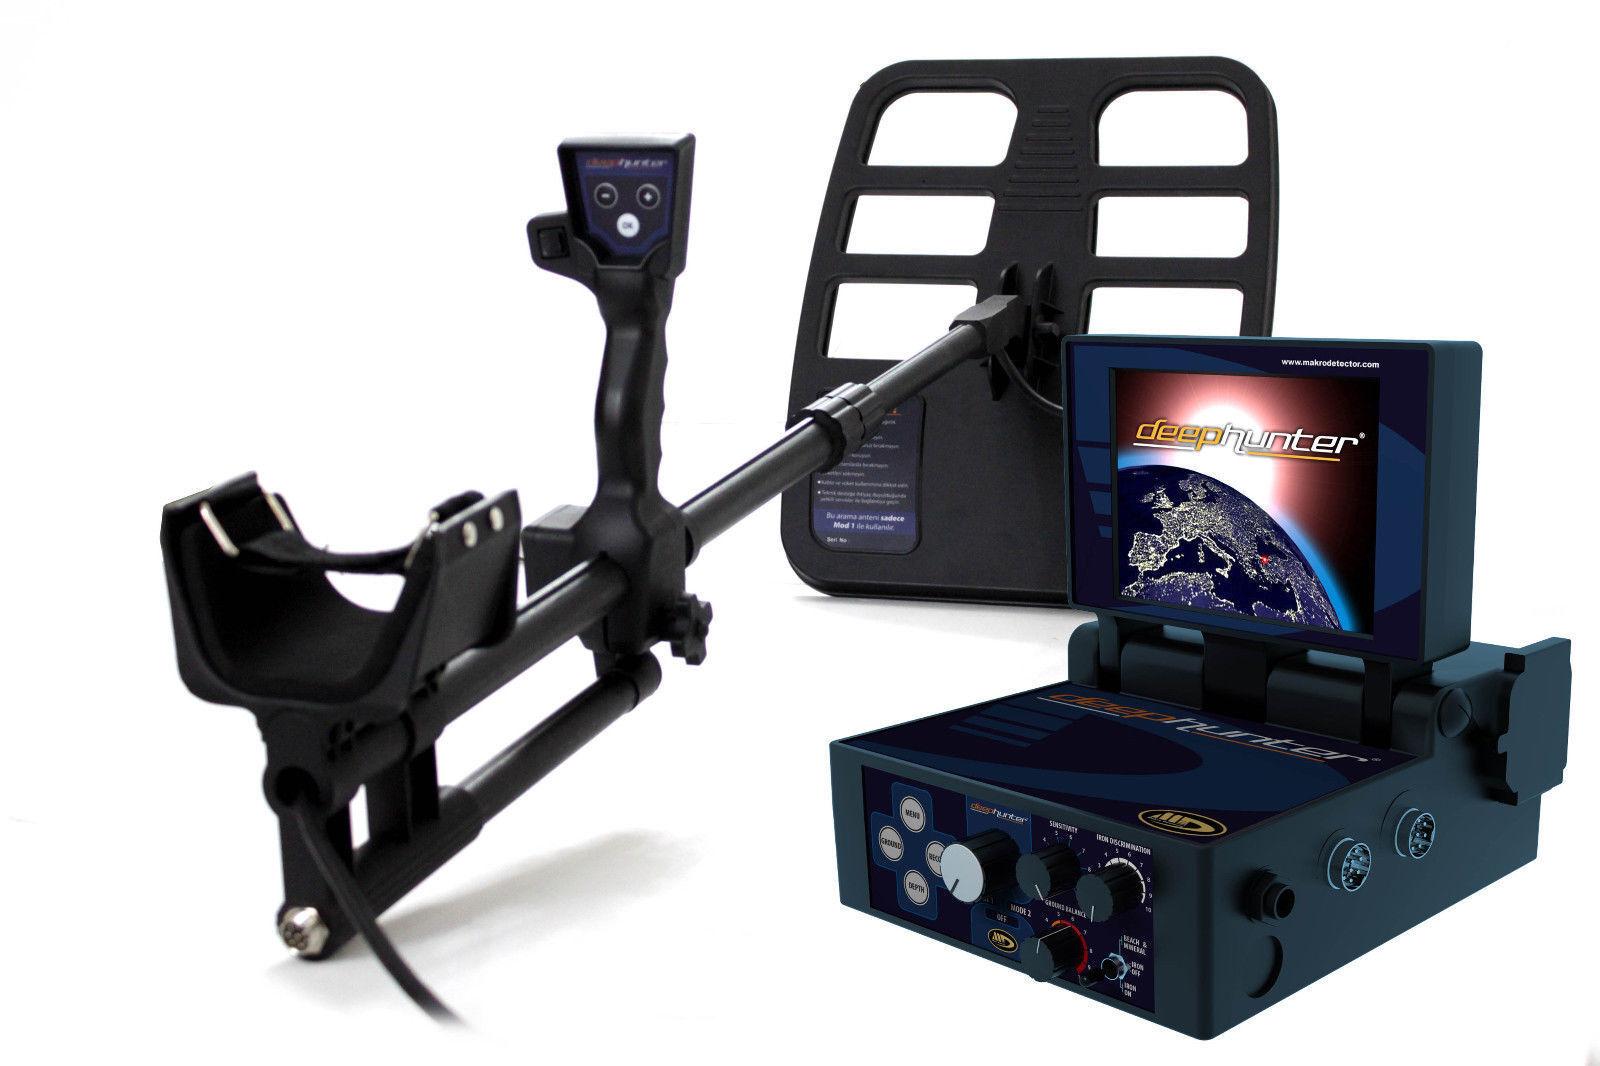 Makro Deephunter 3D Pro Package New With Full Warranty